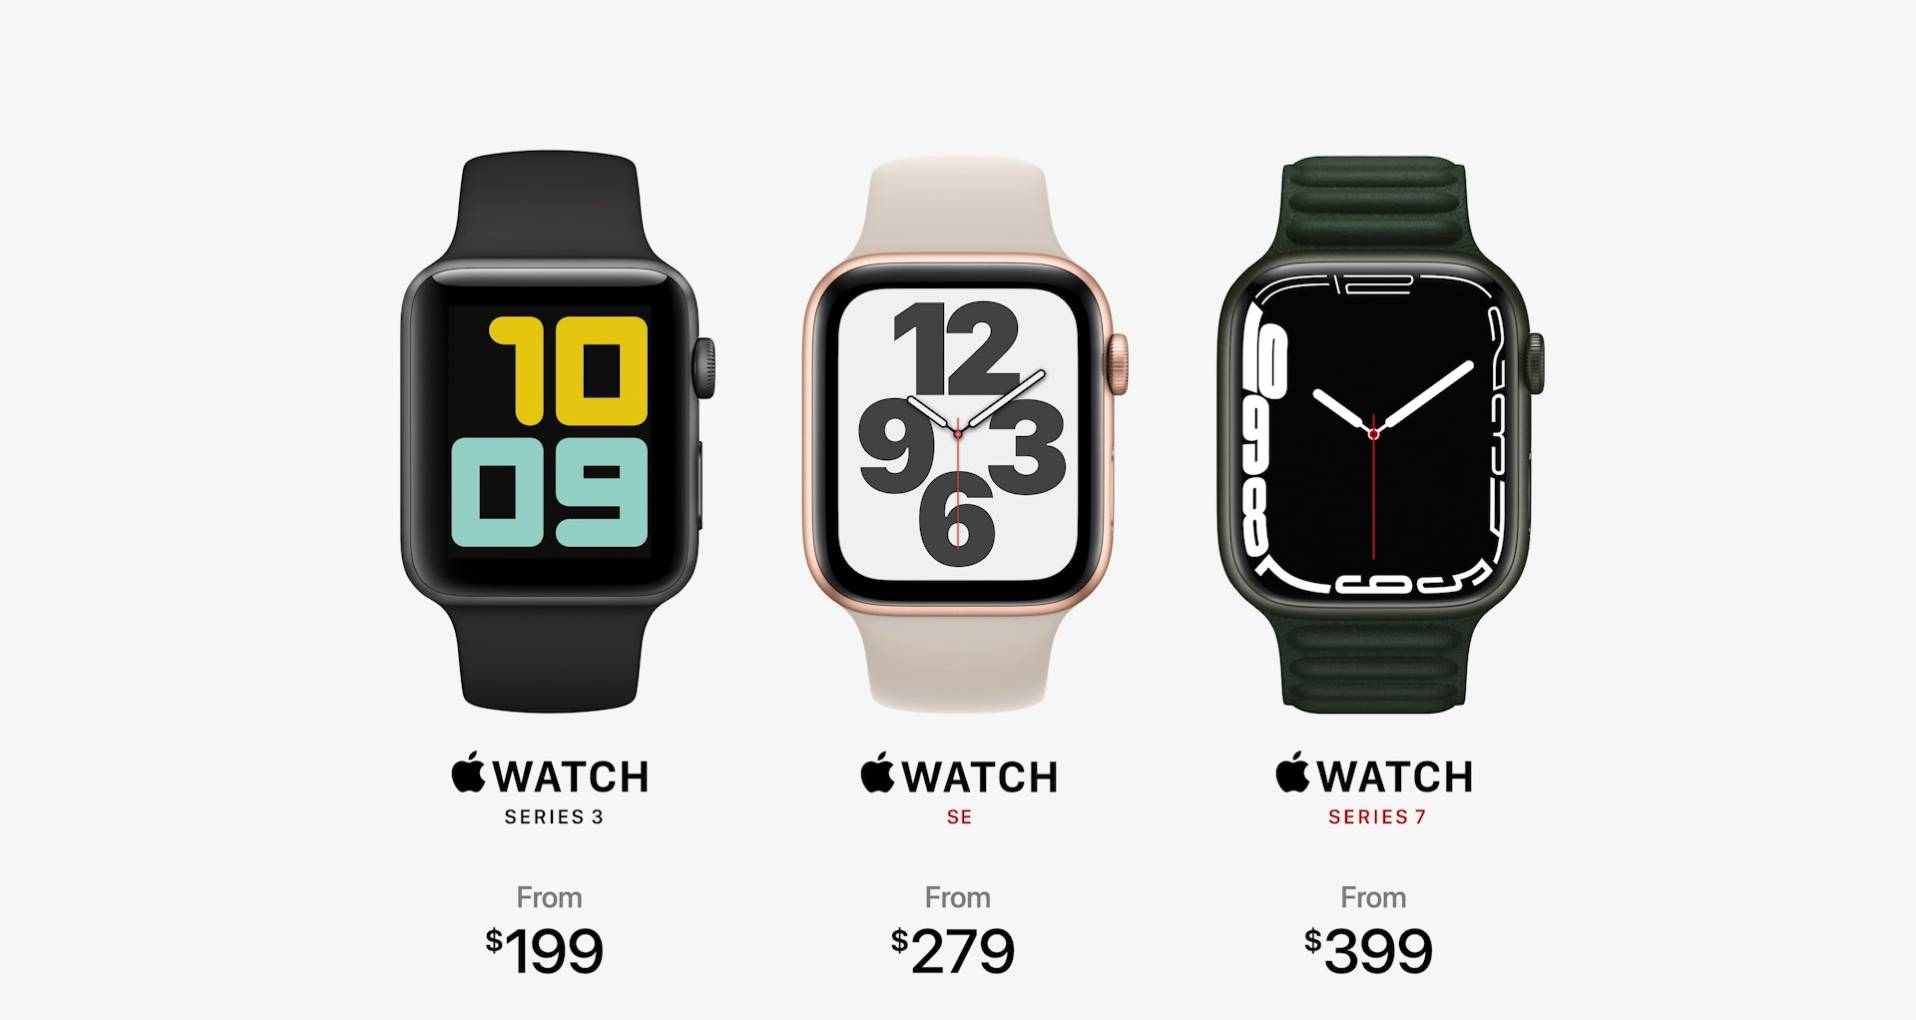 Três Apple Watch de diferentes modelos e cores, com o preço sugerido abaixo de cada um